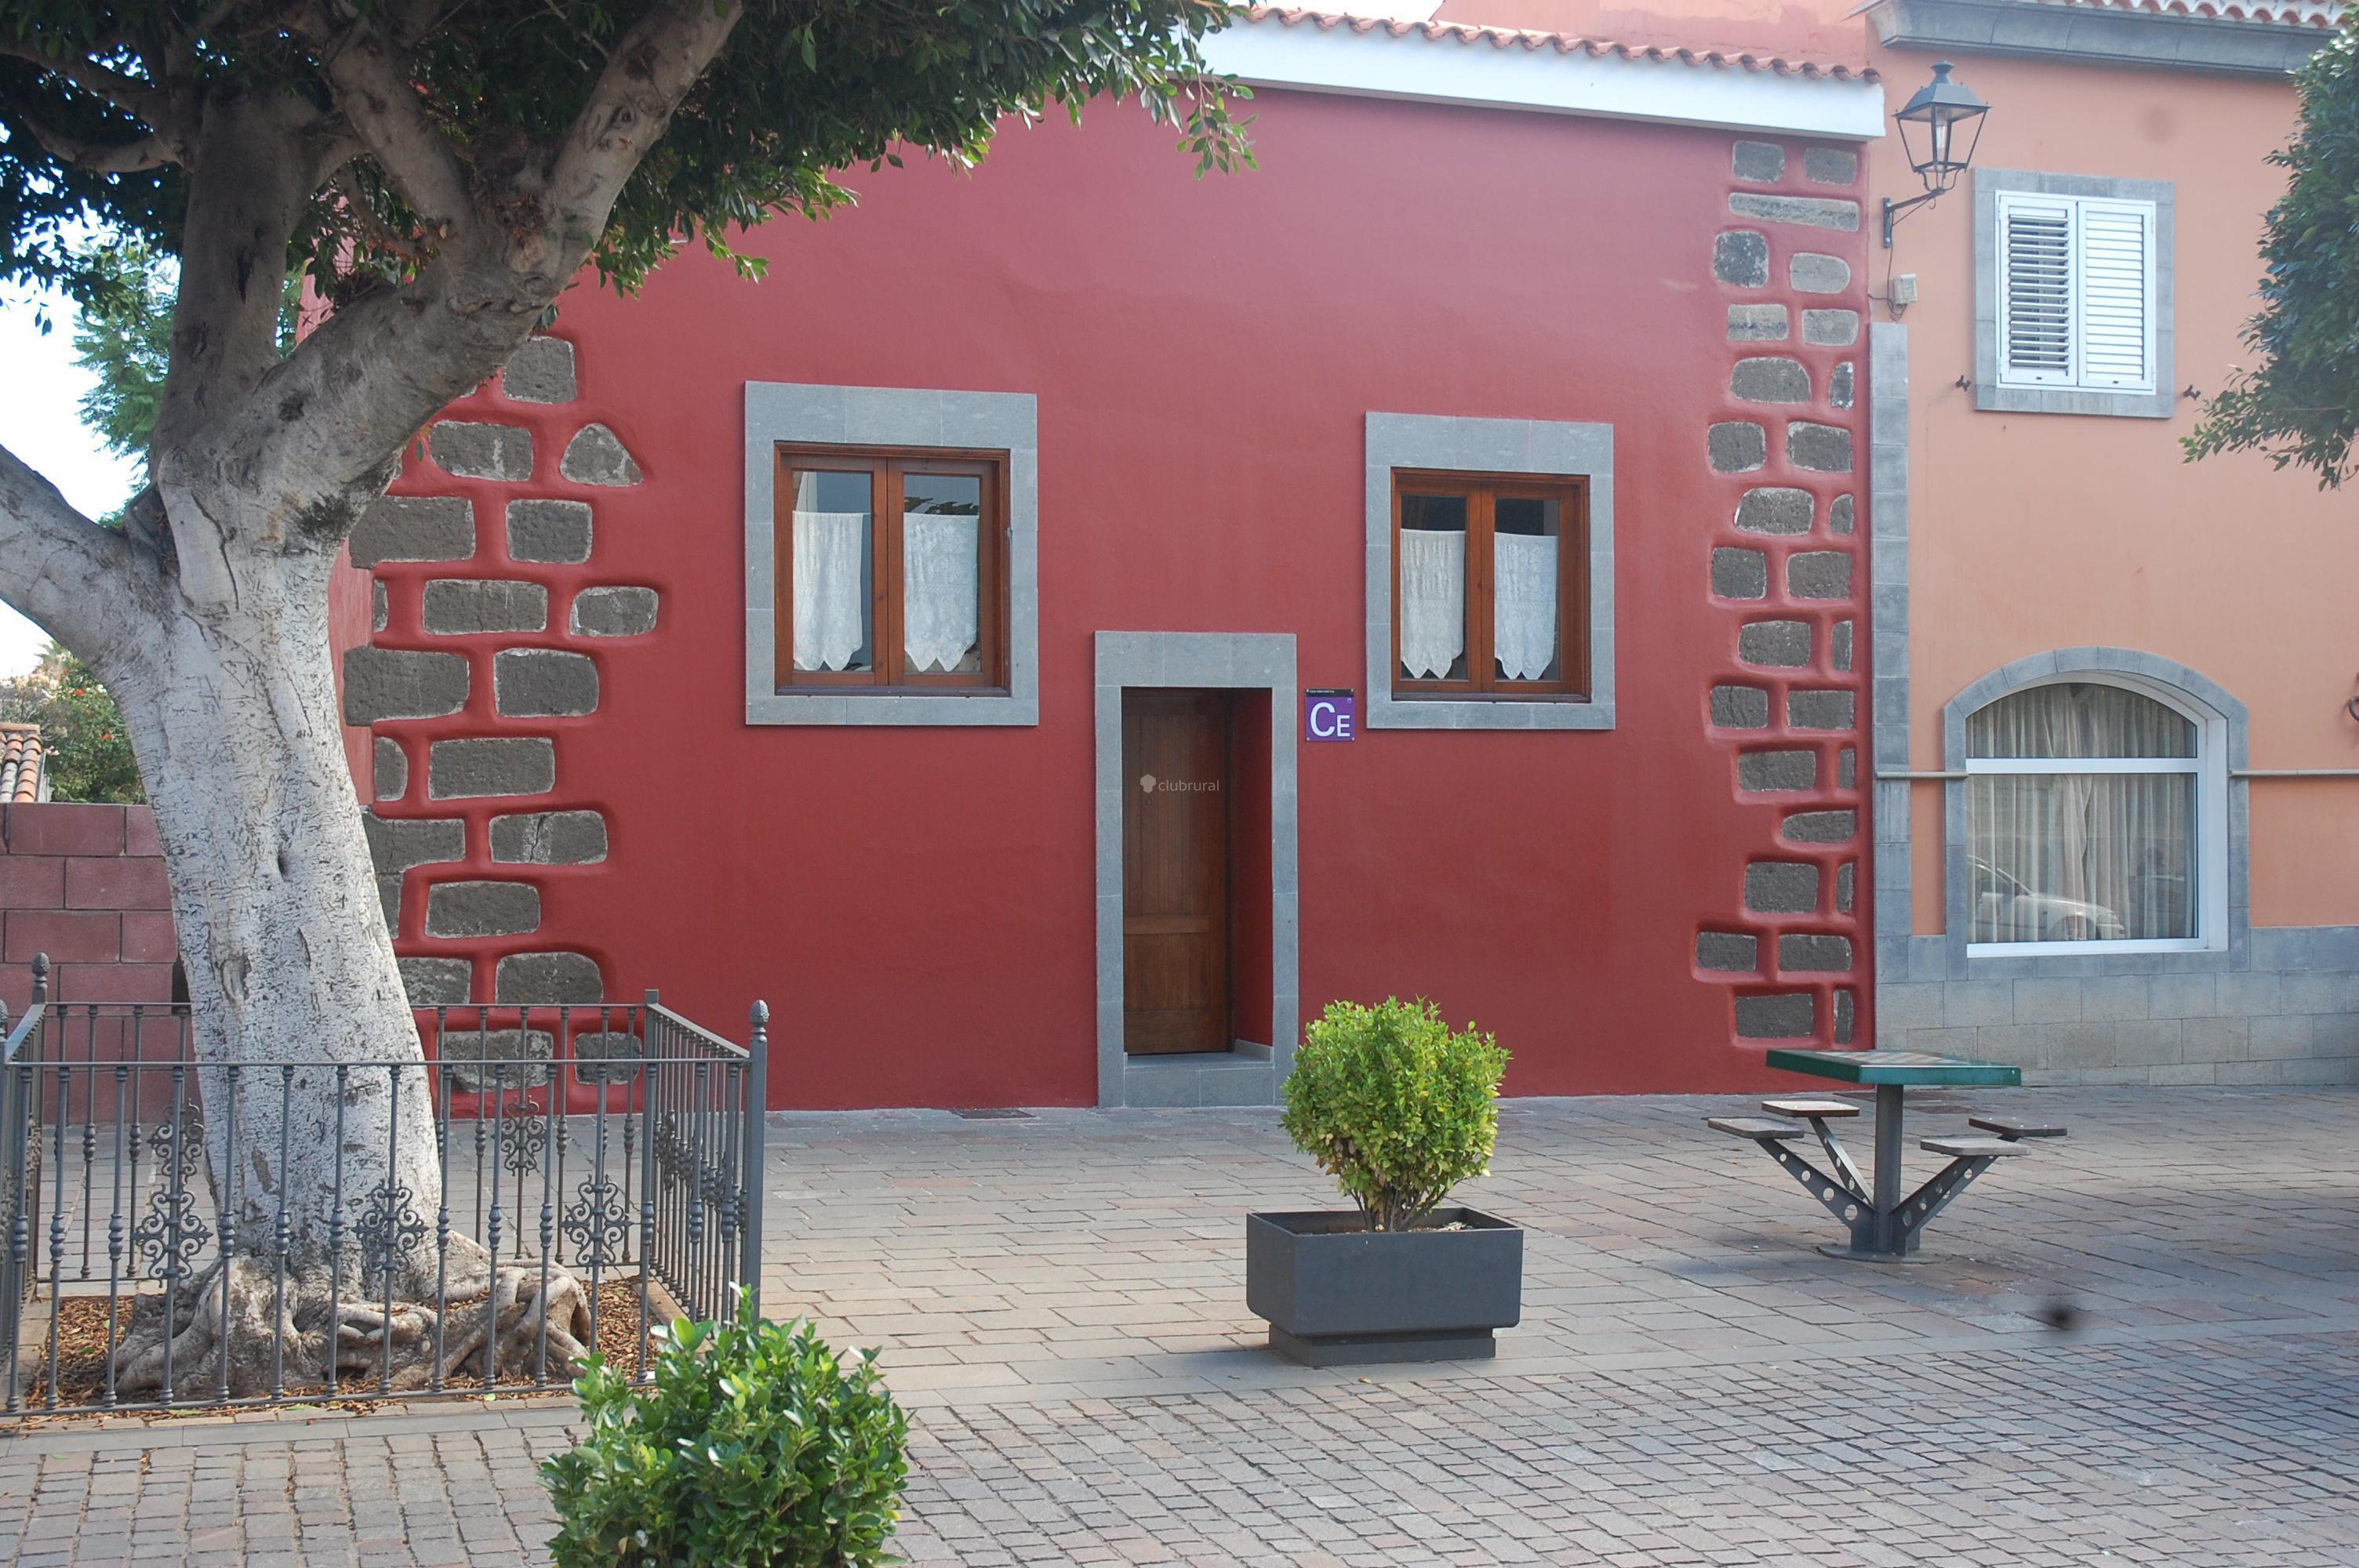 Fotos de casa emblem tica carmita gran canaria vega de san mateo clubrural - Ofertas casas rurales gran canaria ...